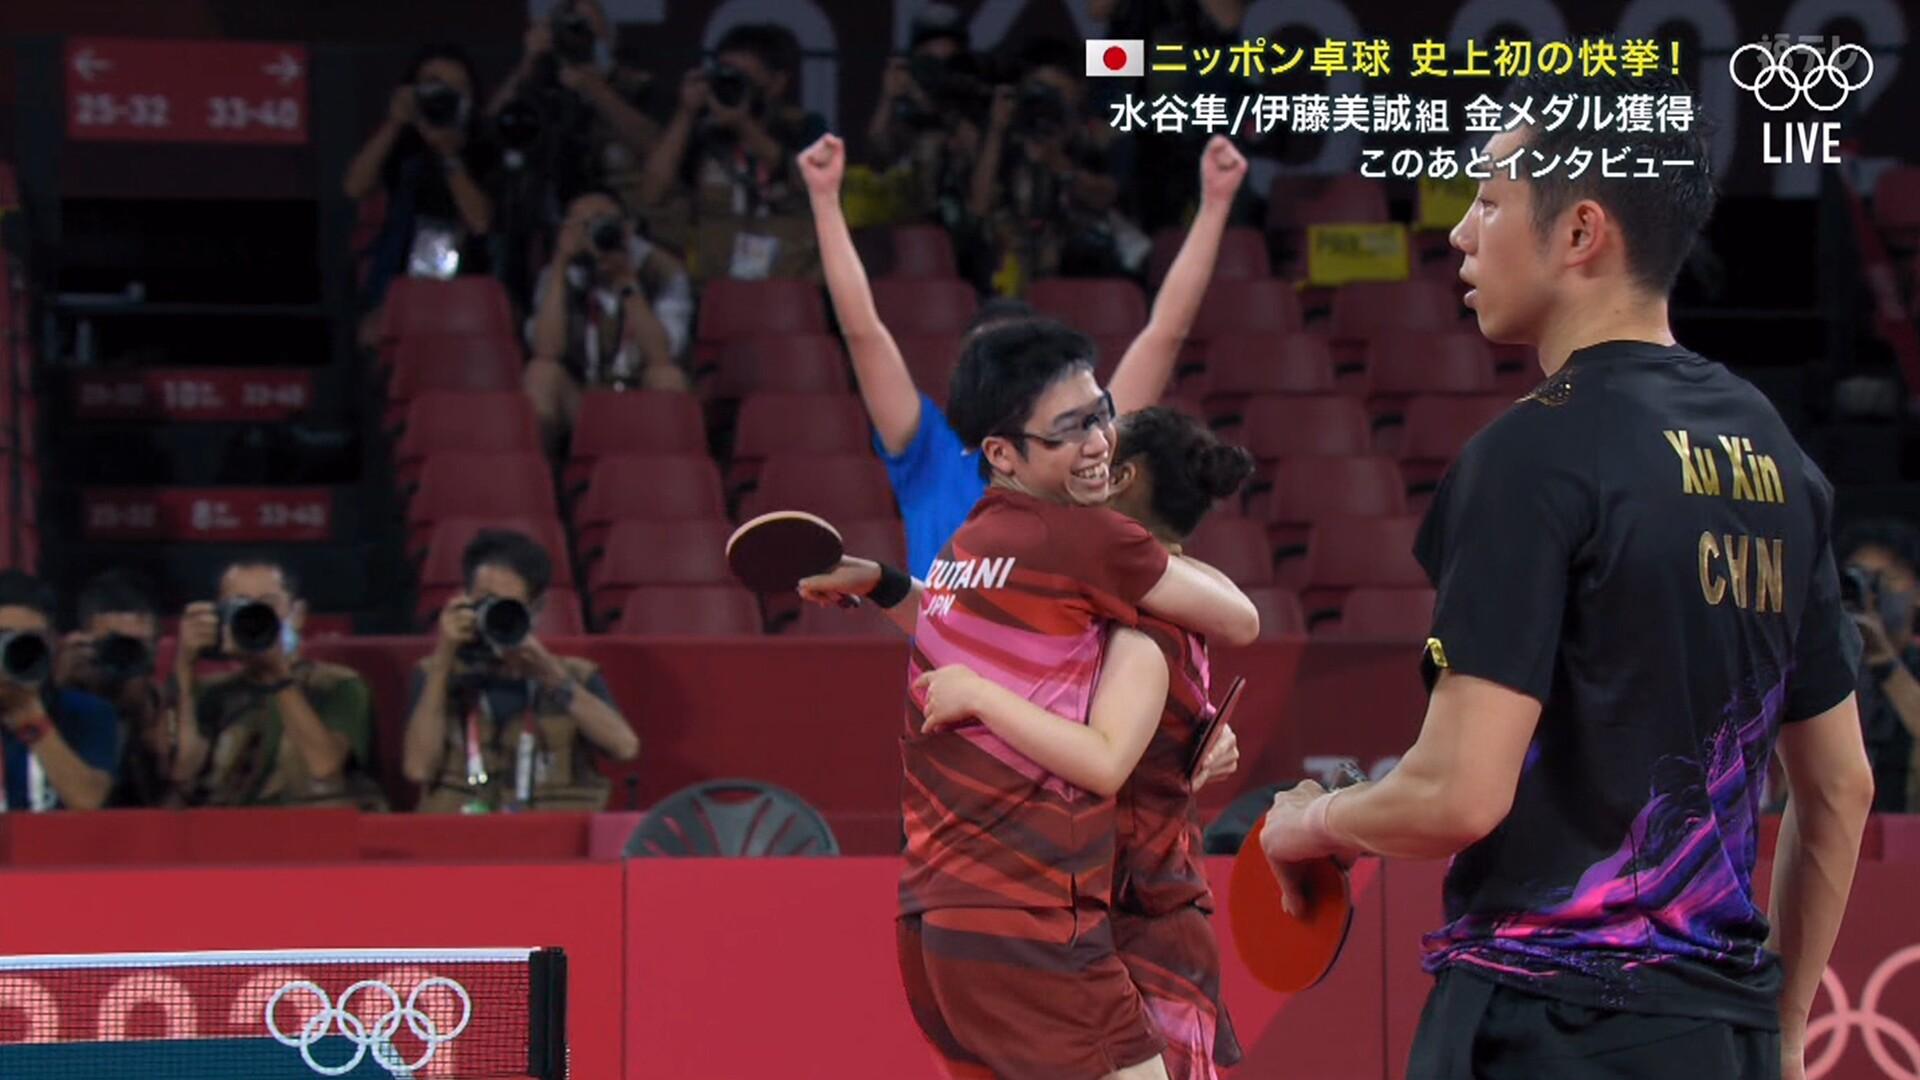 水谷隼、伊藤美誠組が金メダル! 日本卓球界の悲願かなえる